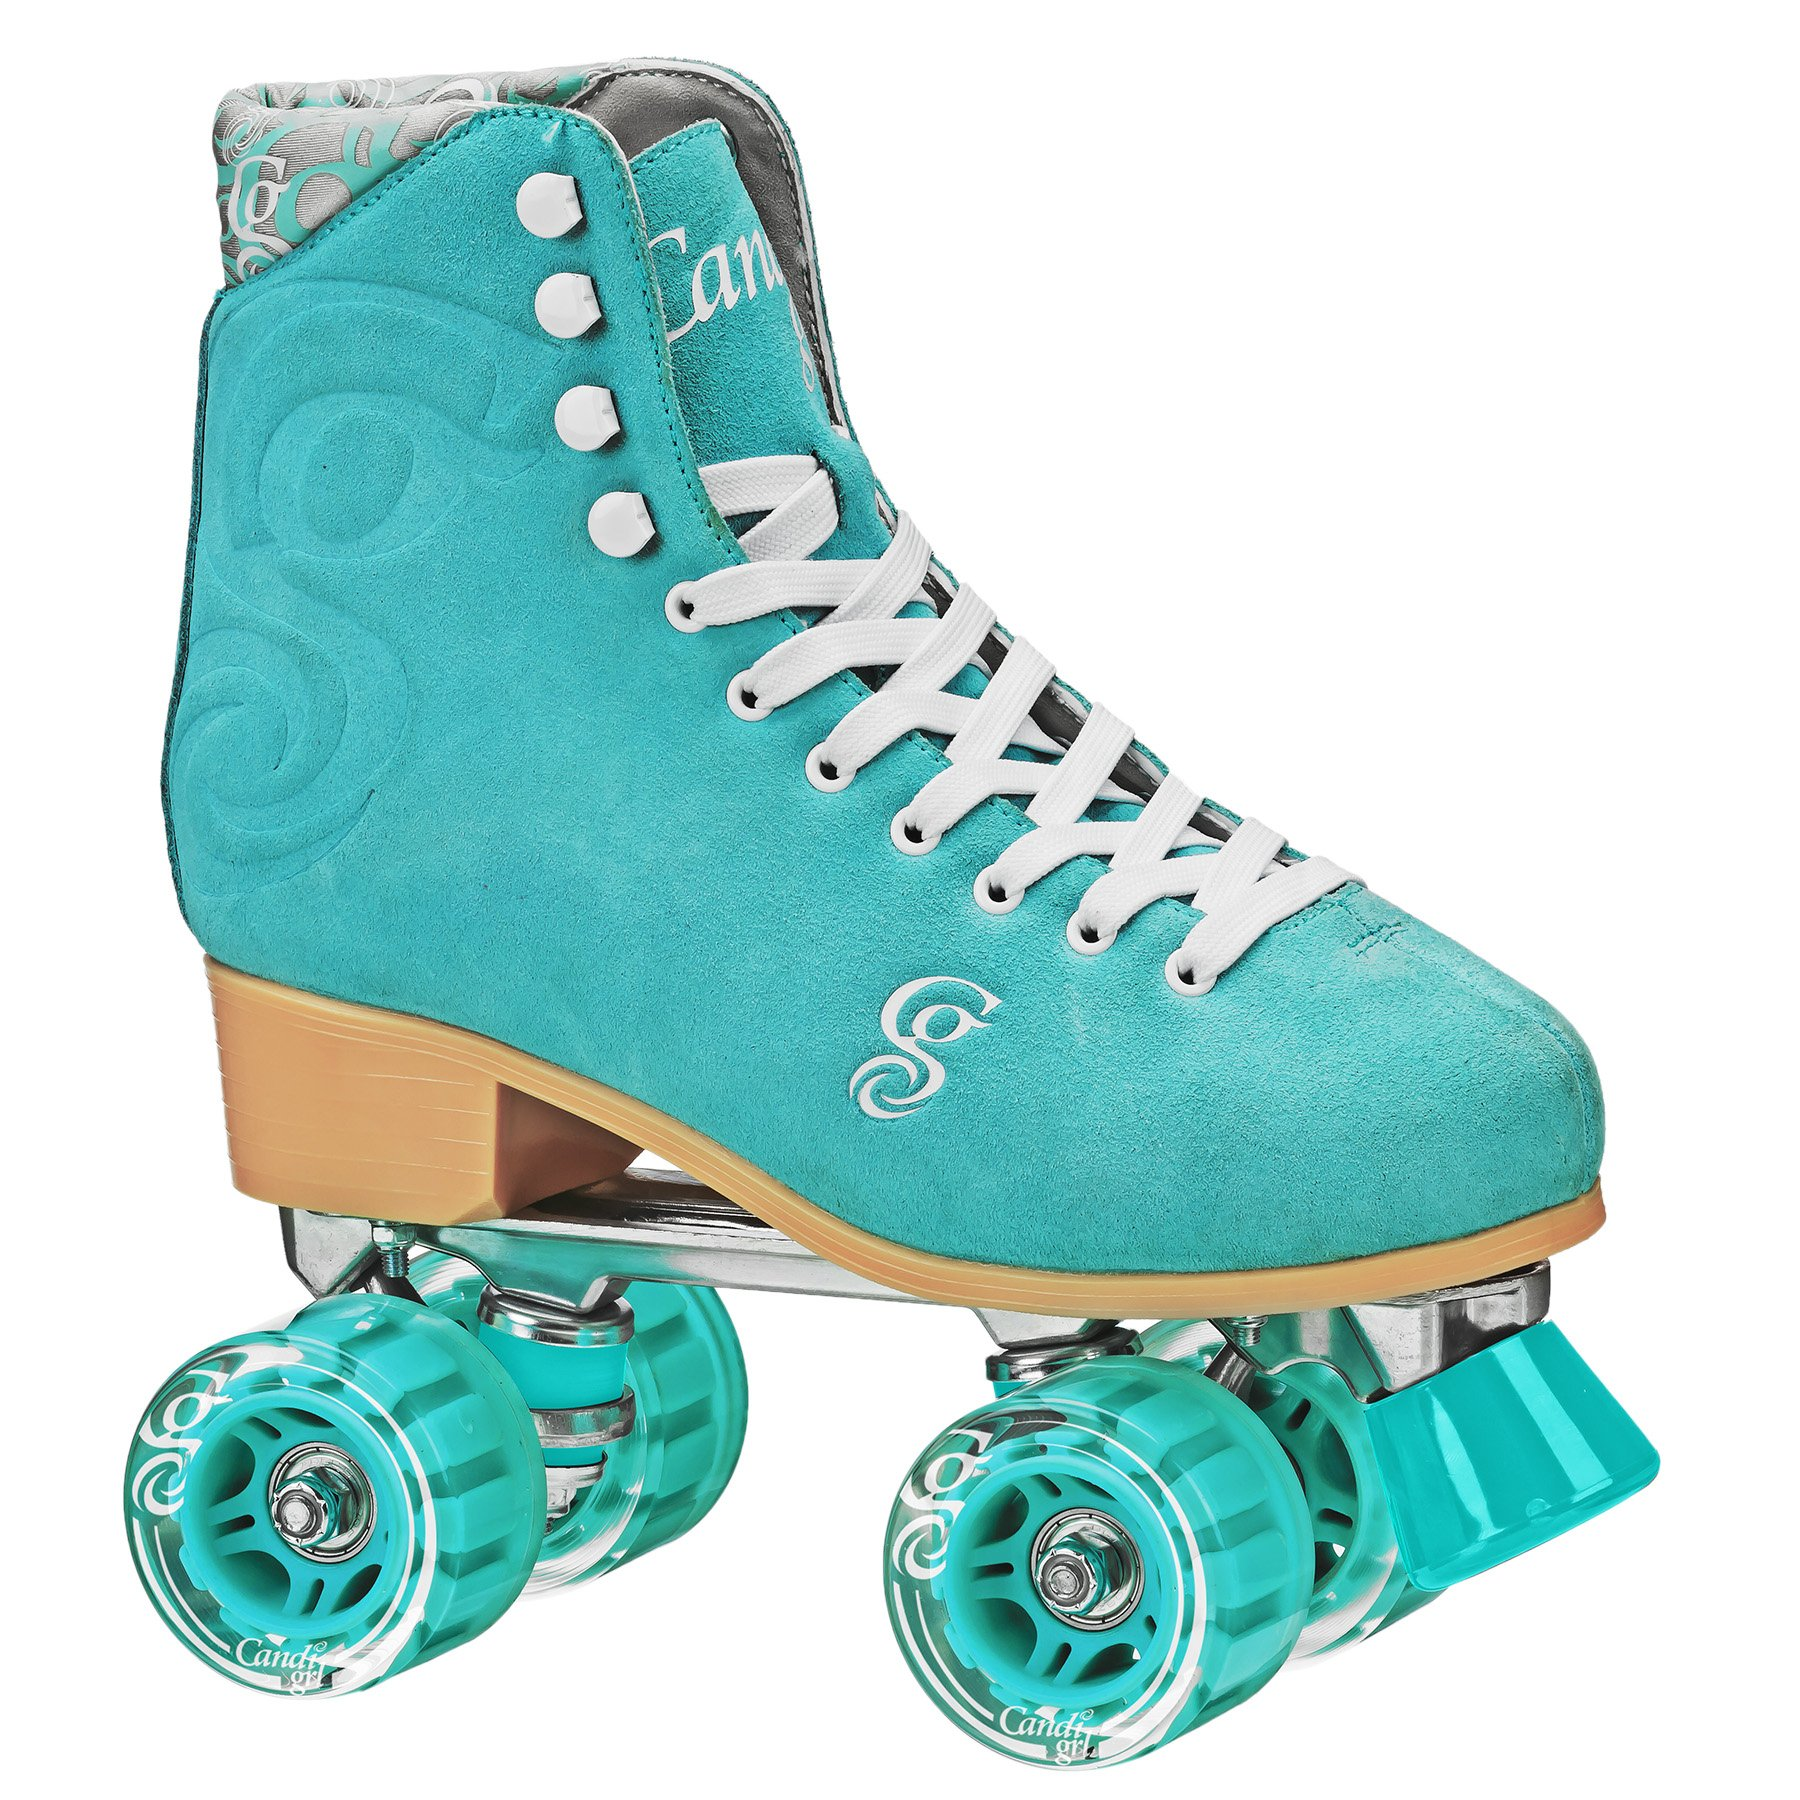 Roller Derby Elite Candi Women's Carlin Roller Skate, Sea Foam, Size 10